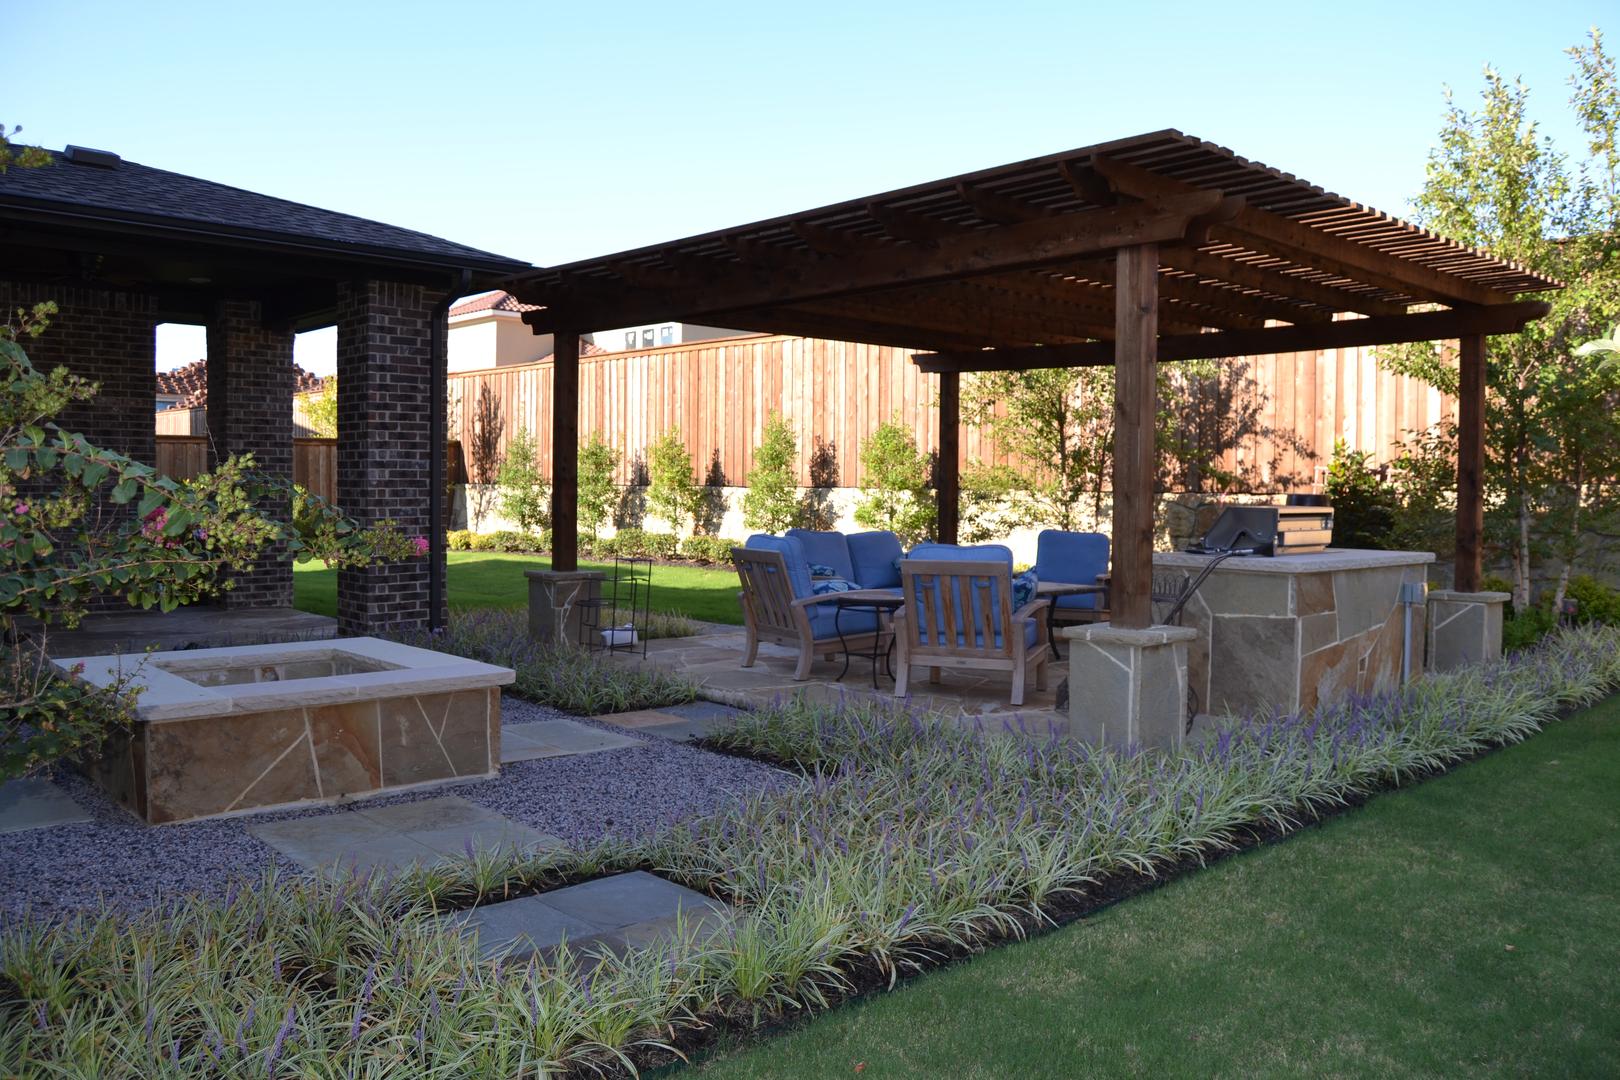 Garden Design Landscaping In Dallas - garden design dallas